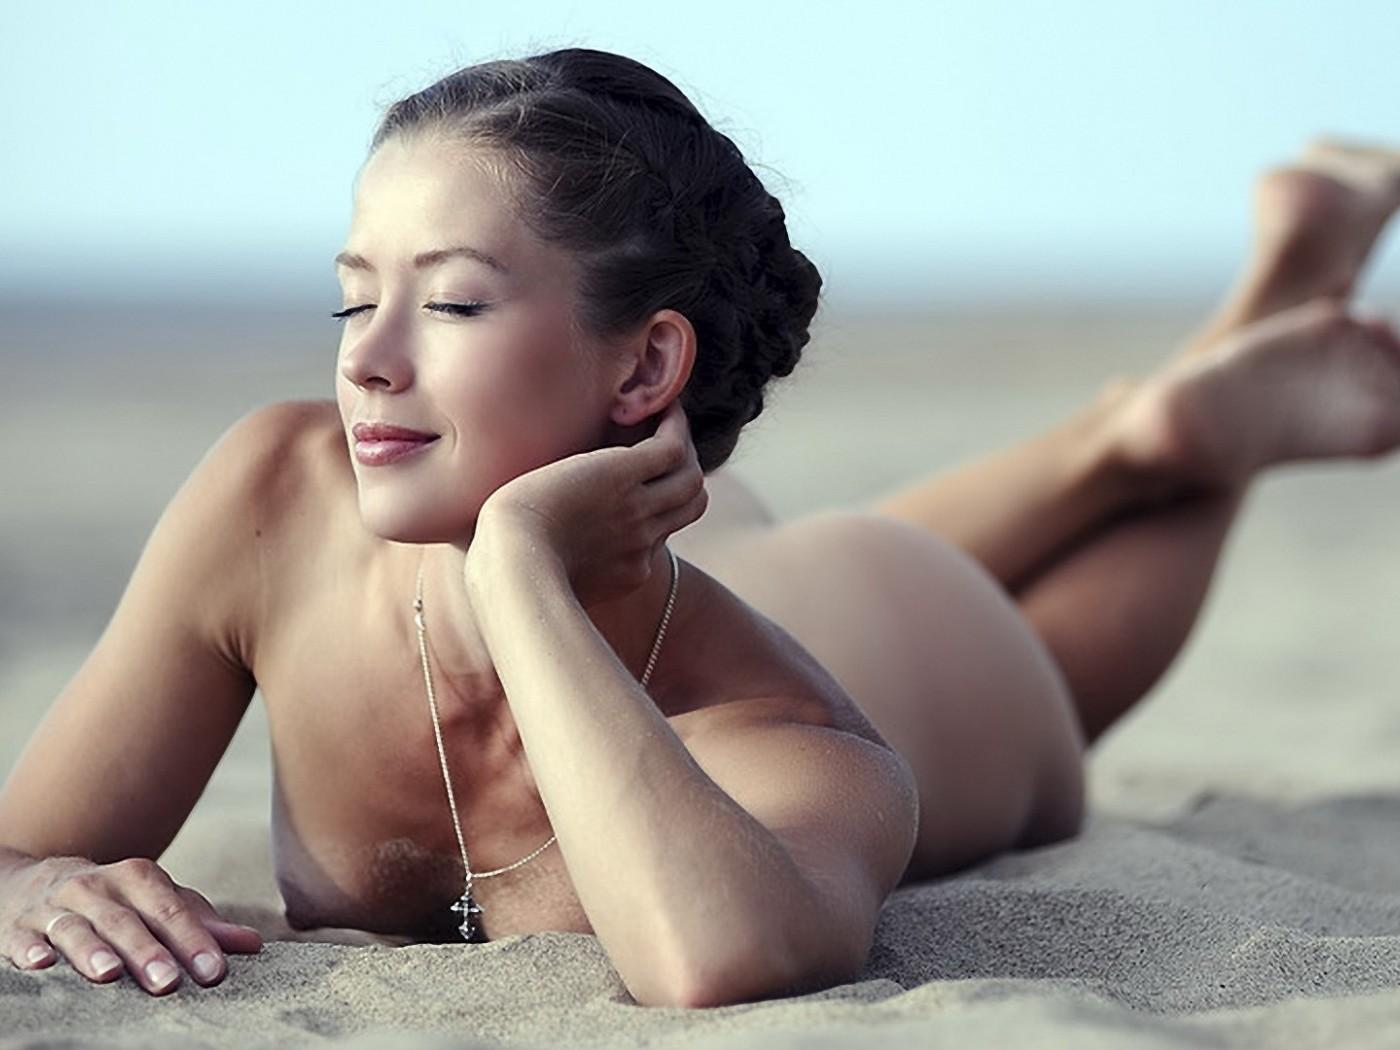 Фото девушек голый полностью, Молодые голые девушки - смотреть фото красивых 5 фотография